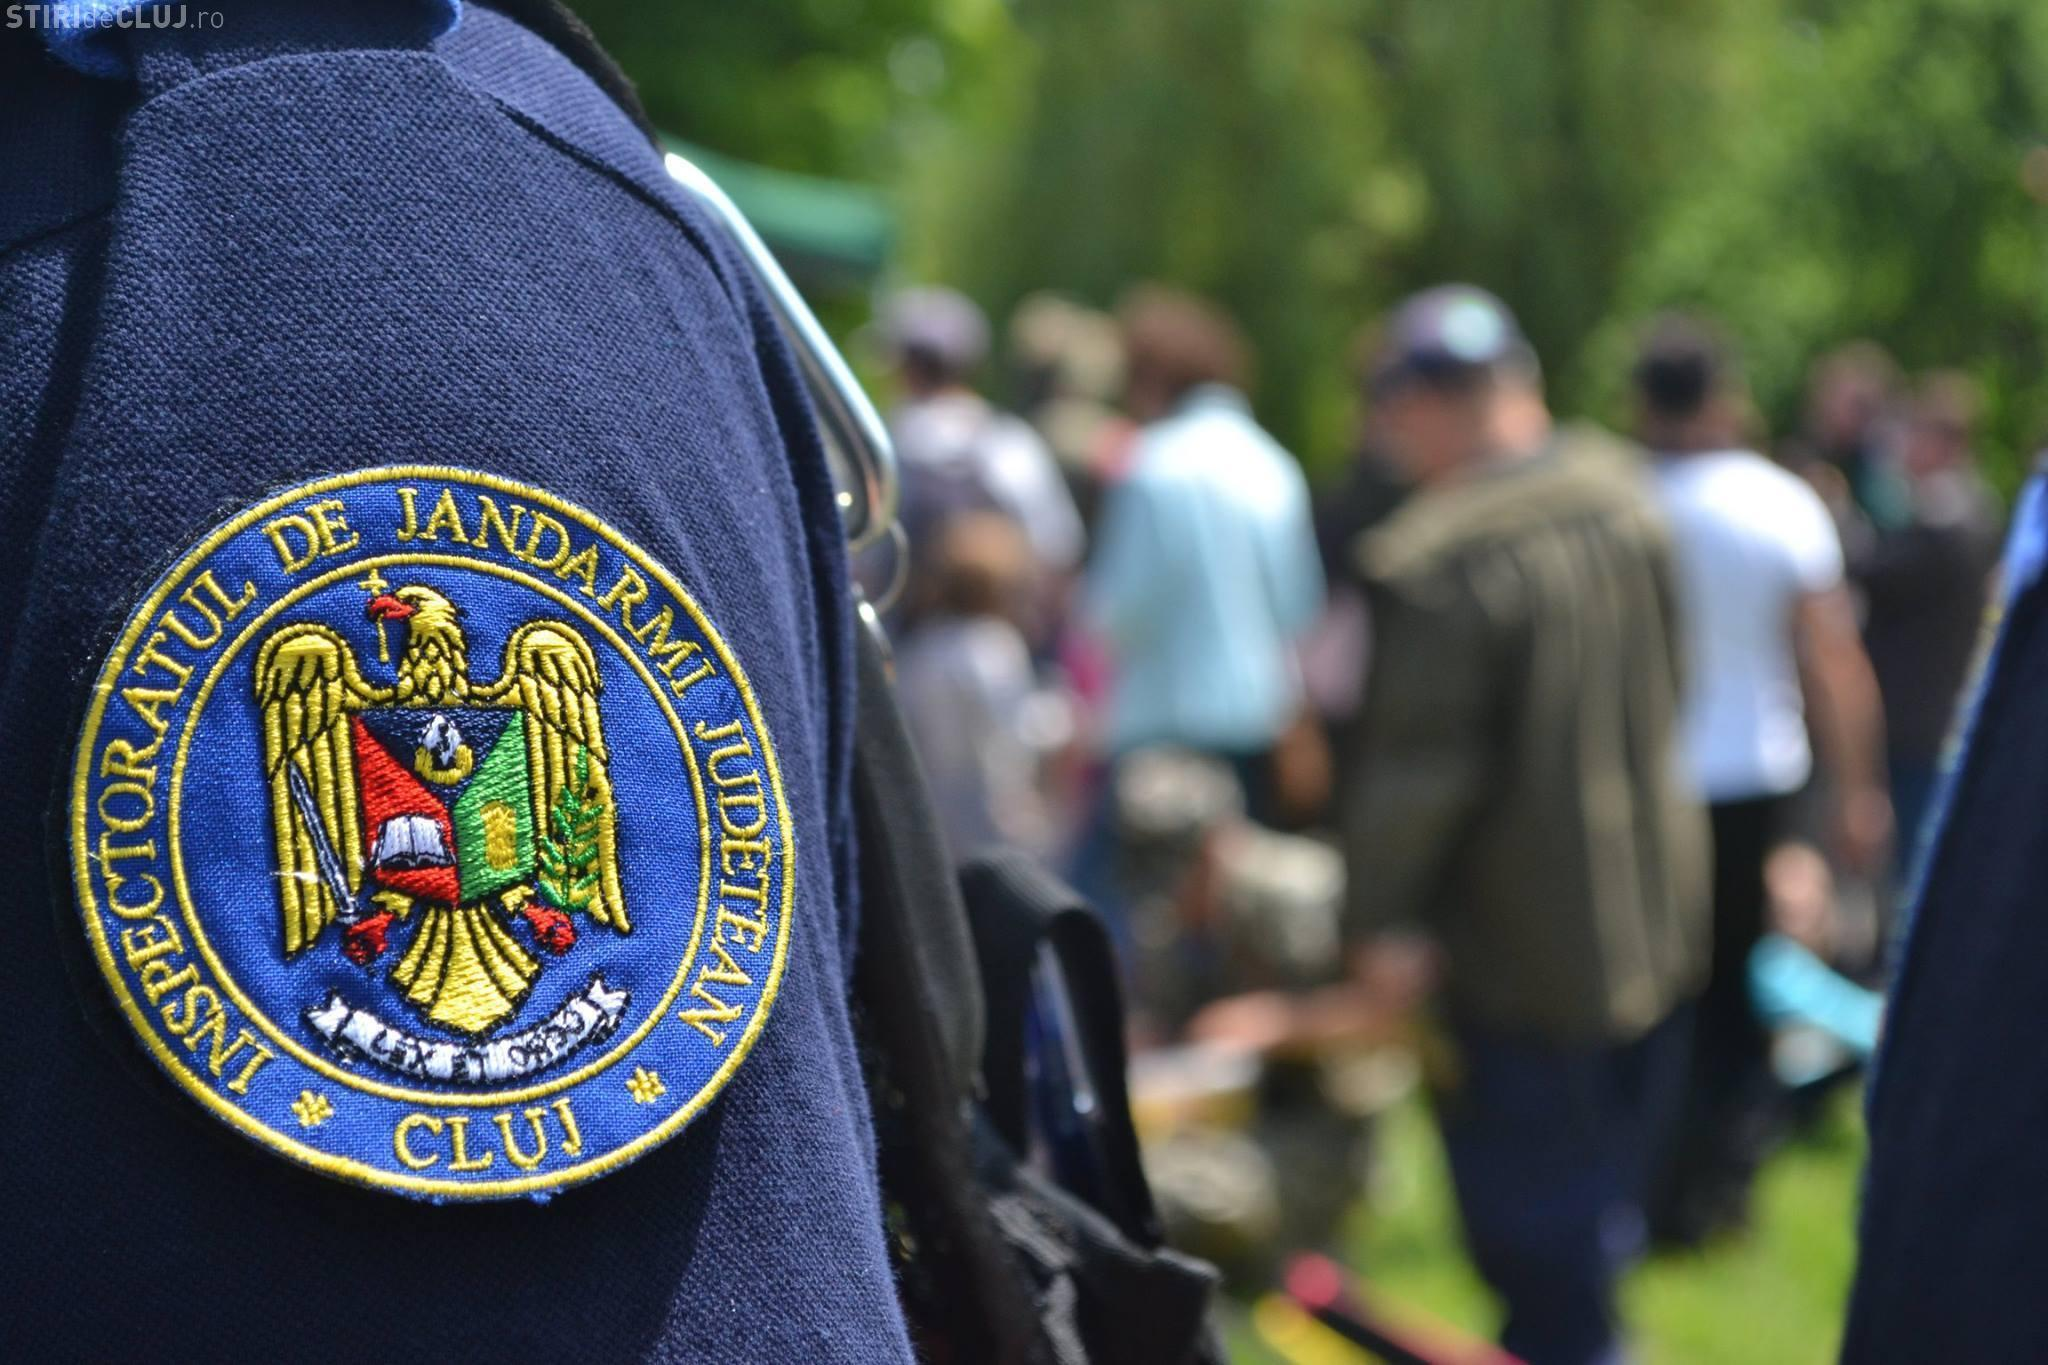 Inspectoratul de Jandarmi Cluj face angajări din sursă externă